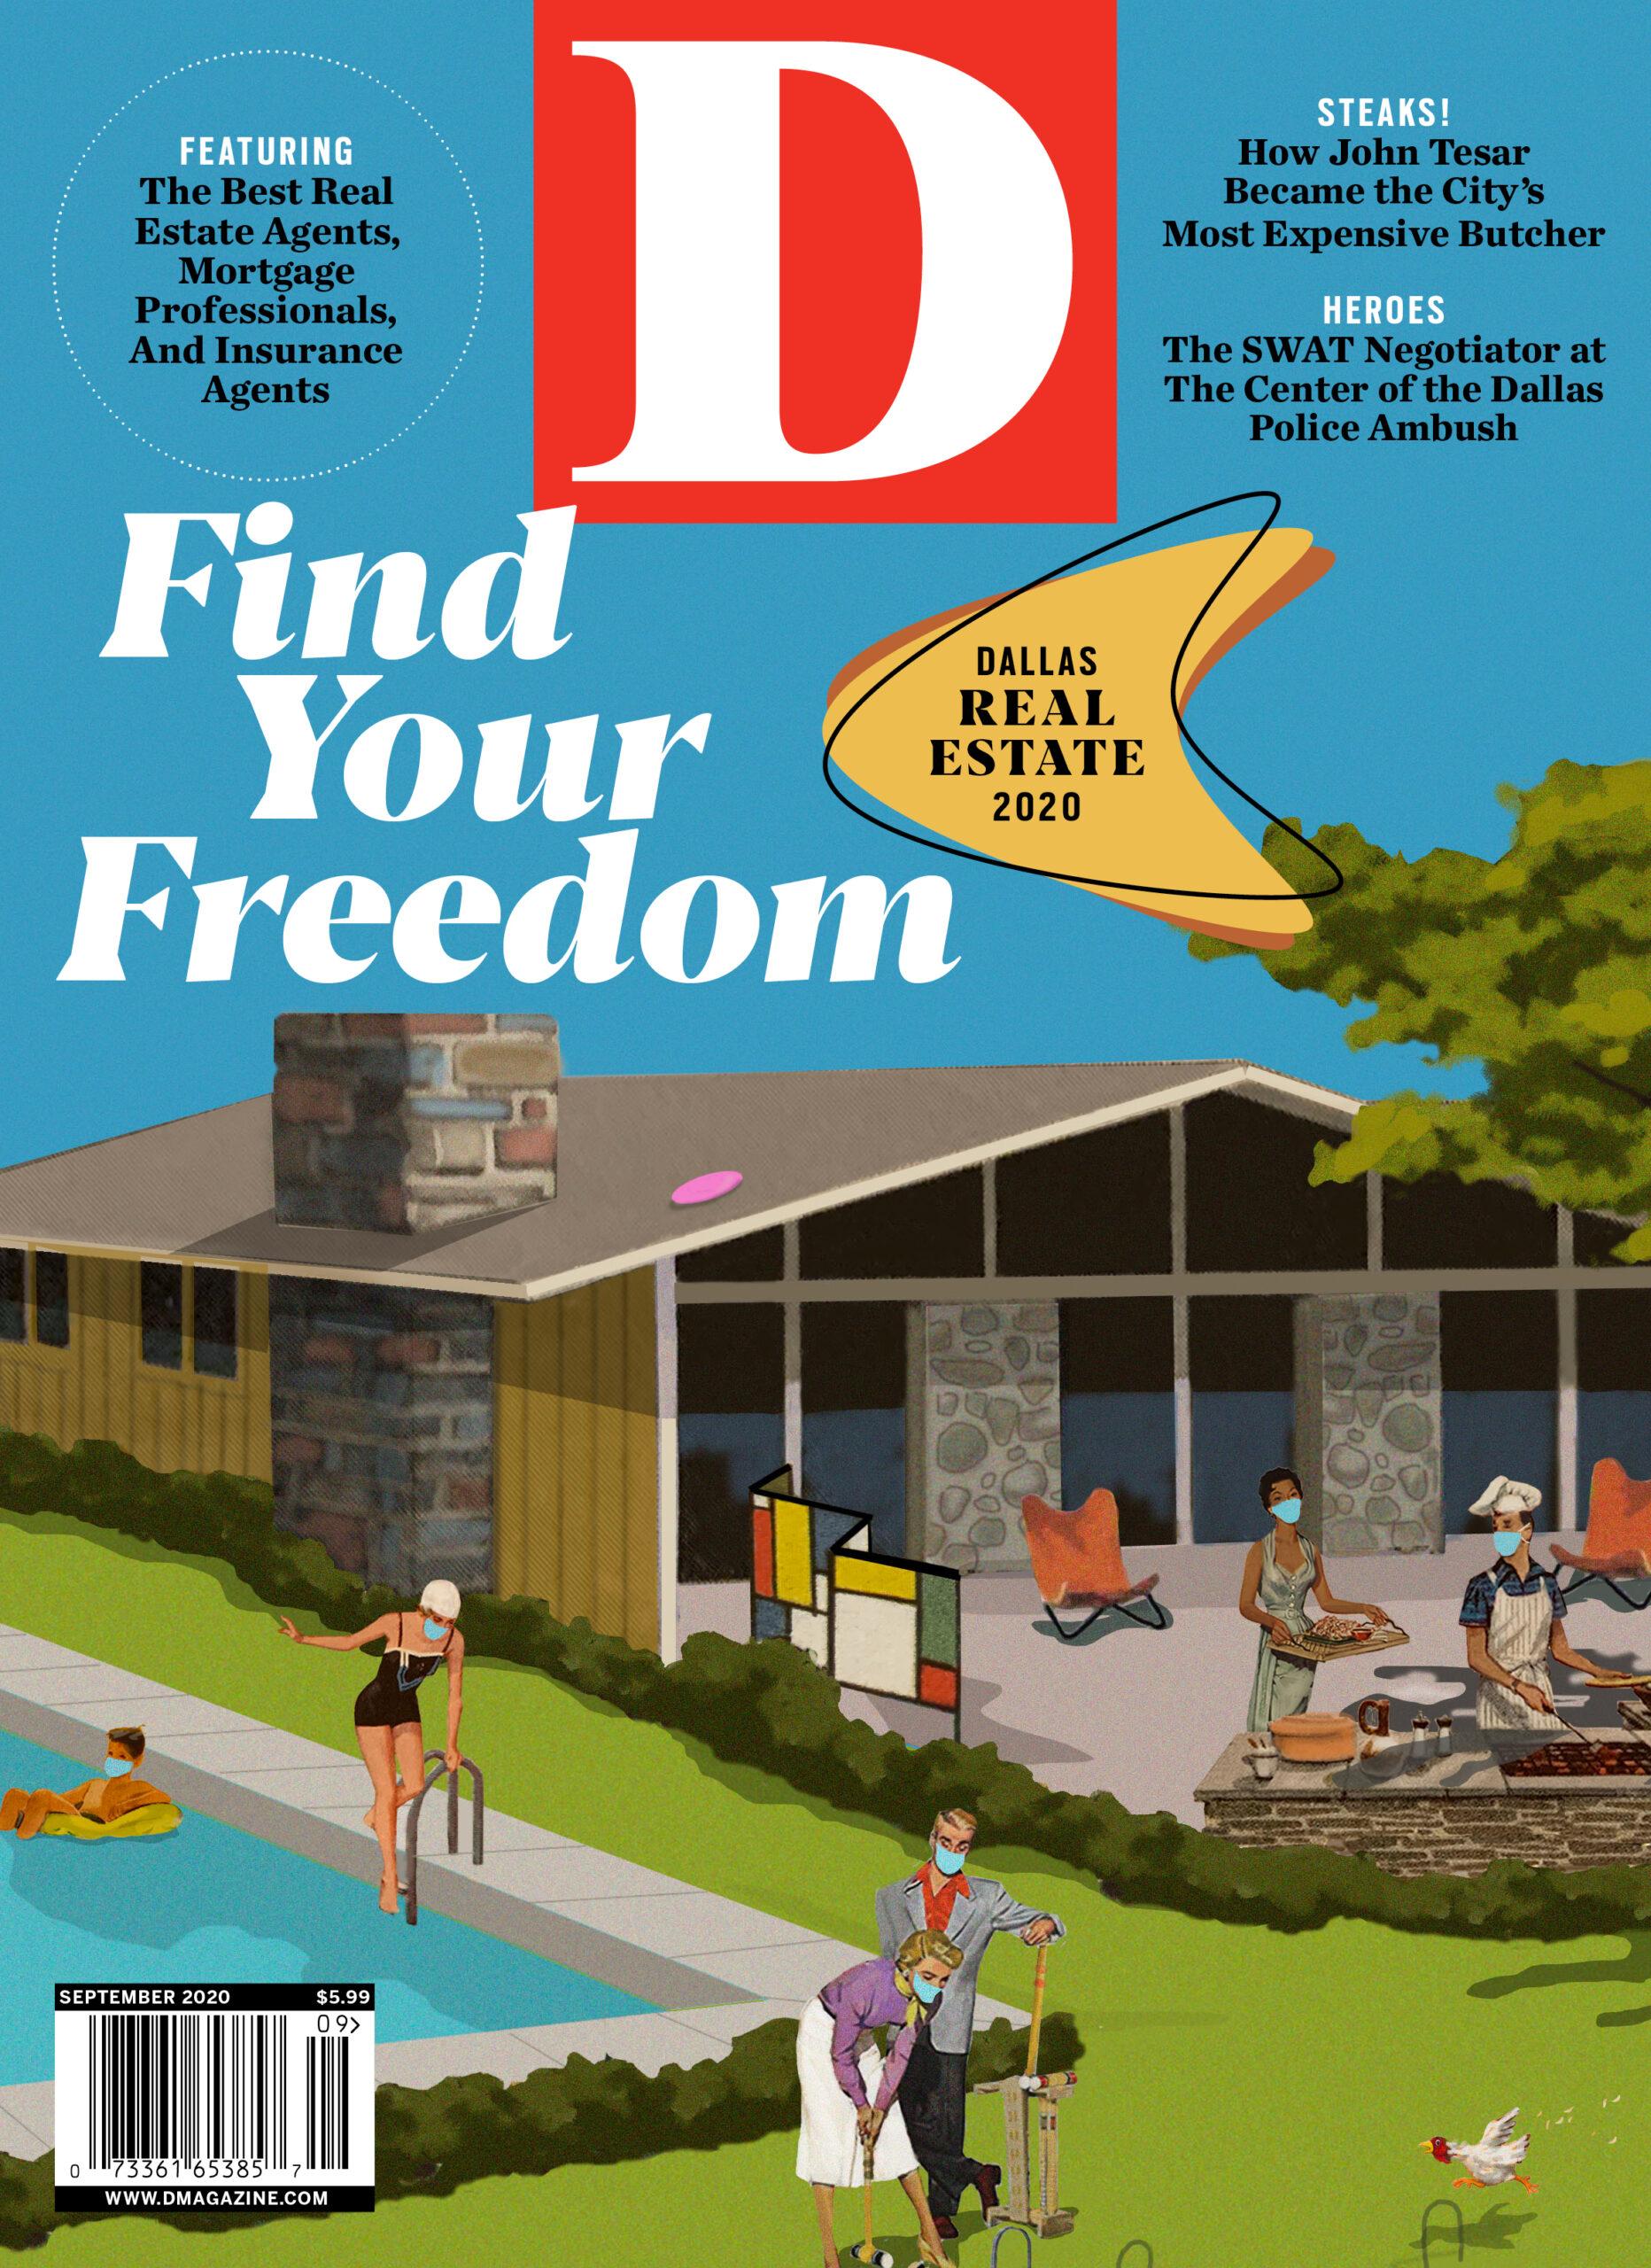 September 2020 cover